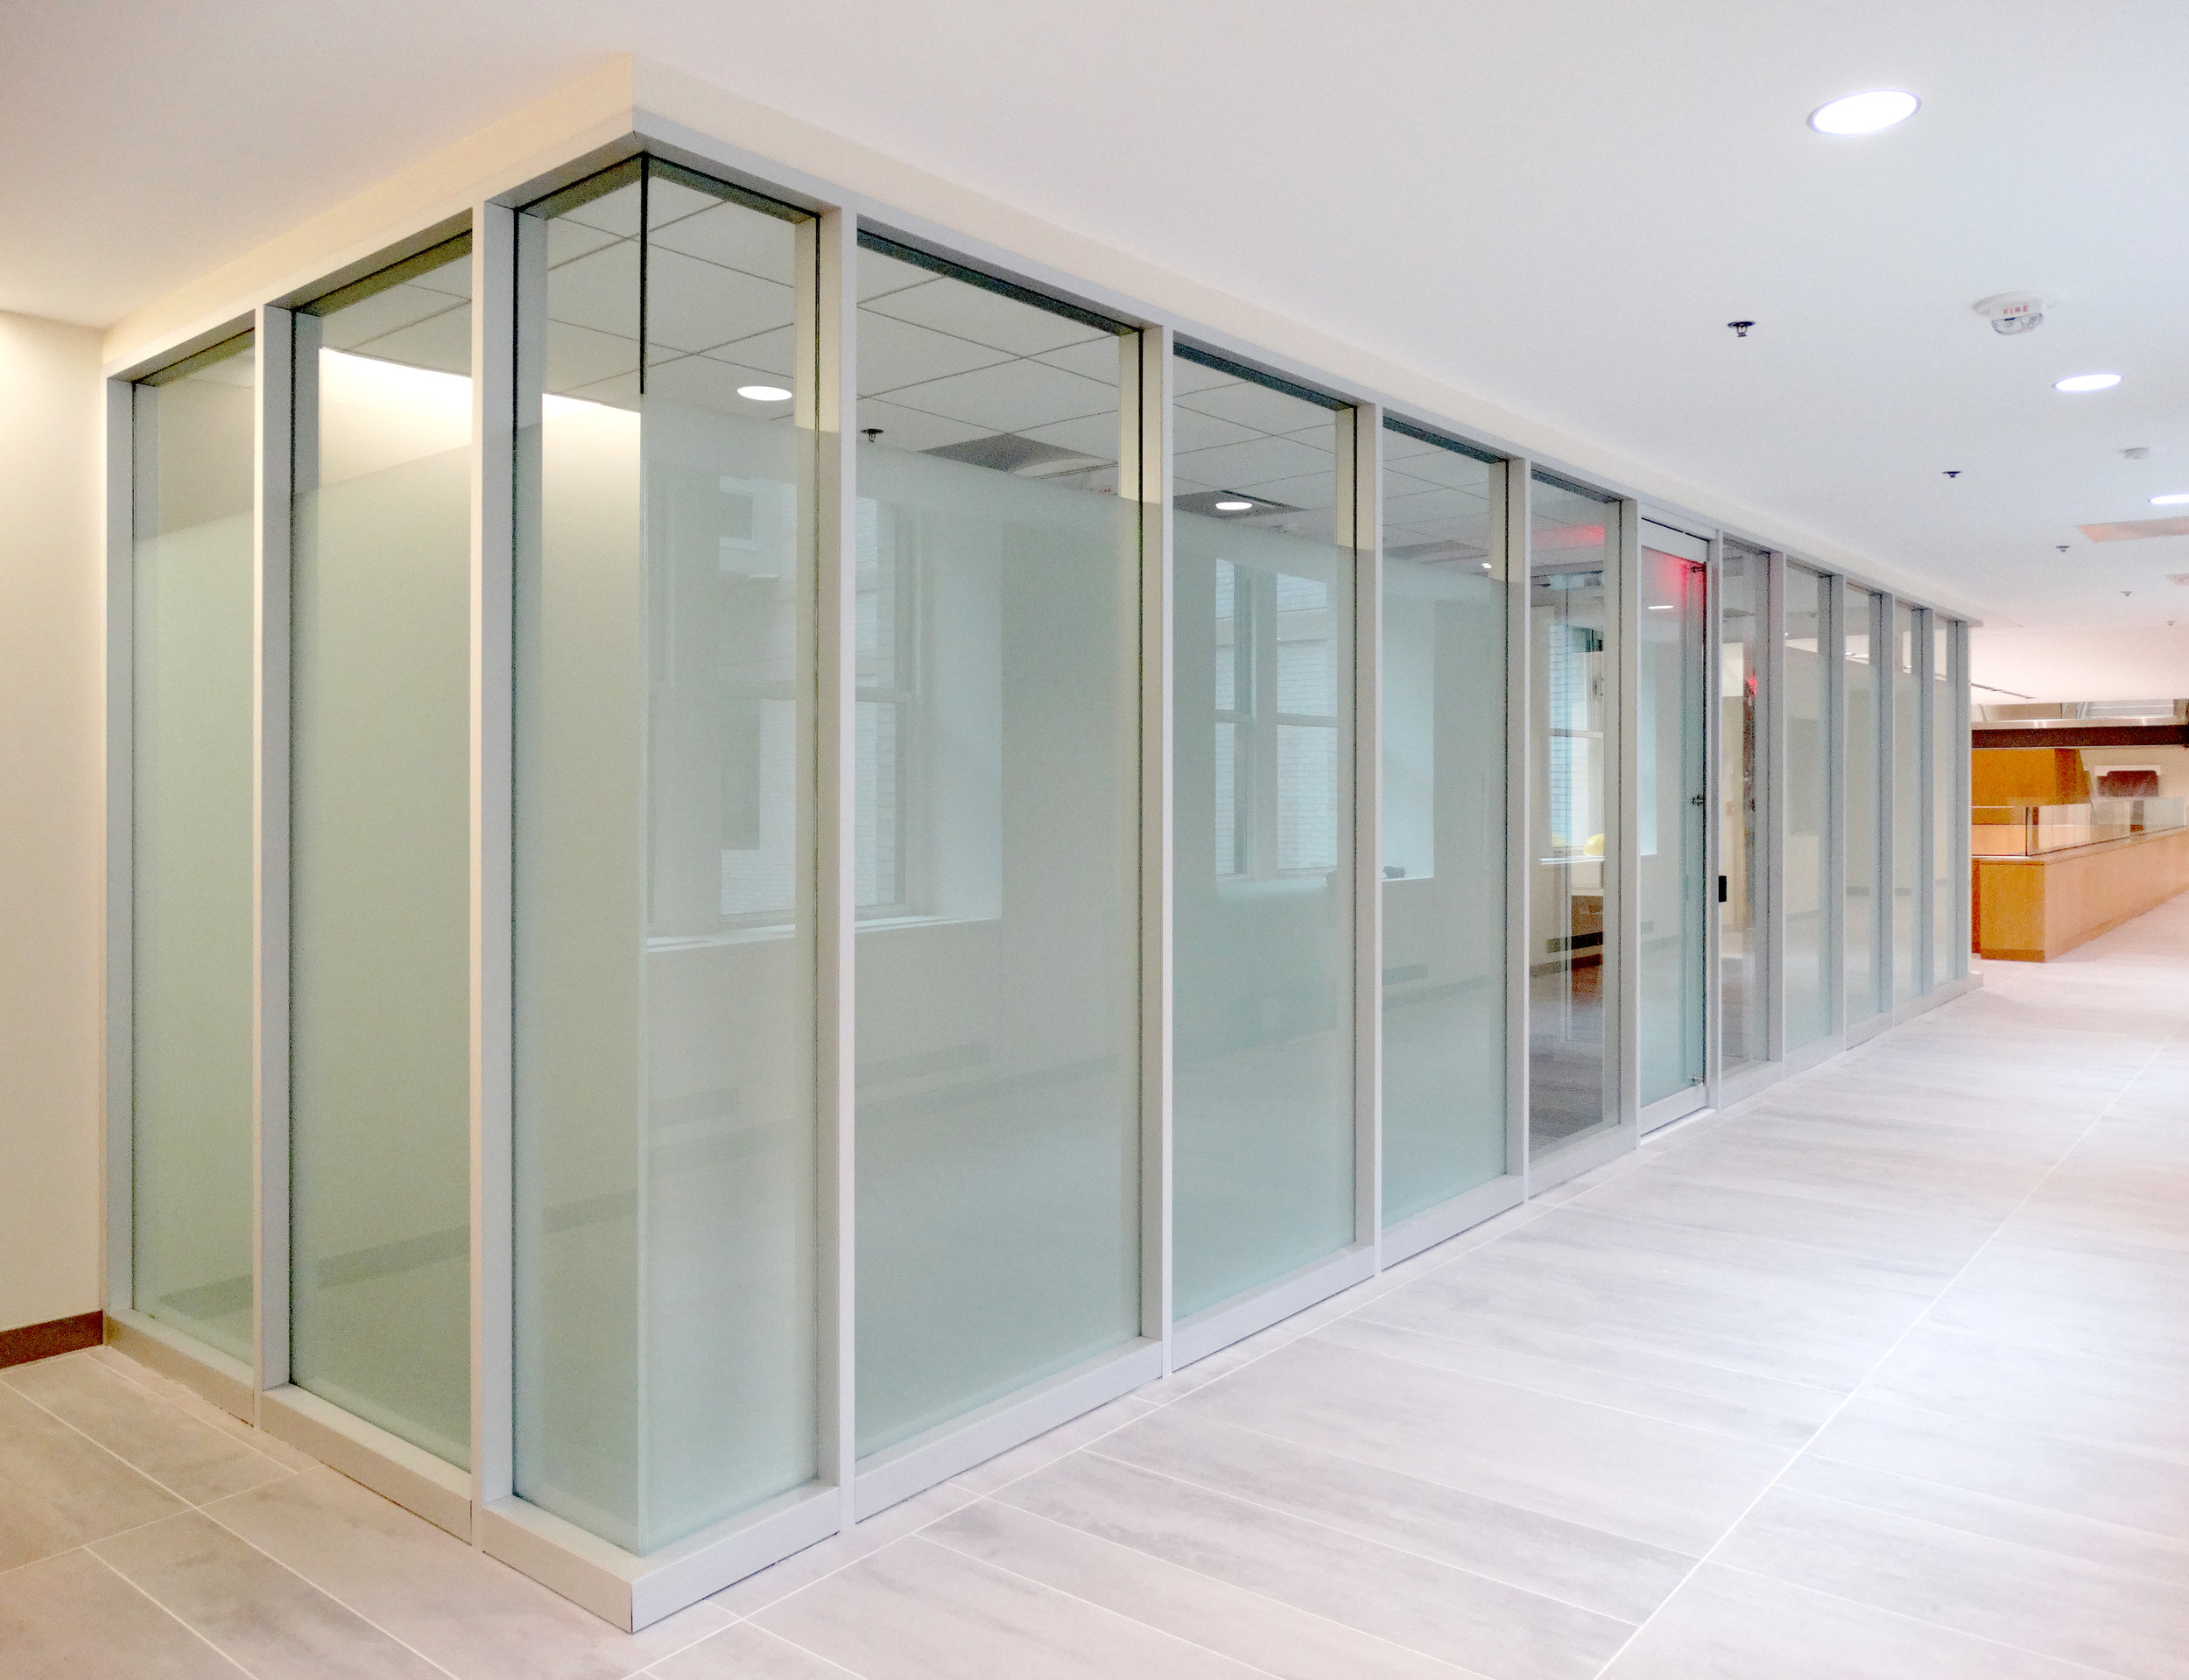 Encase Aluminum Framed Glass Wall Corner Turn Room - Spaceworks AI.jpg